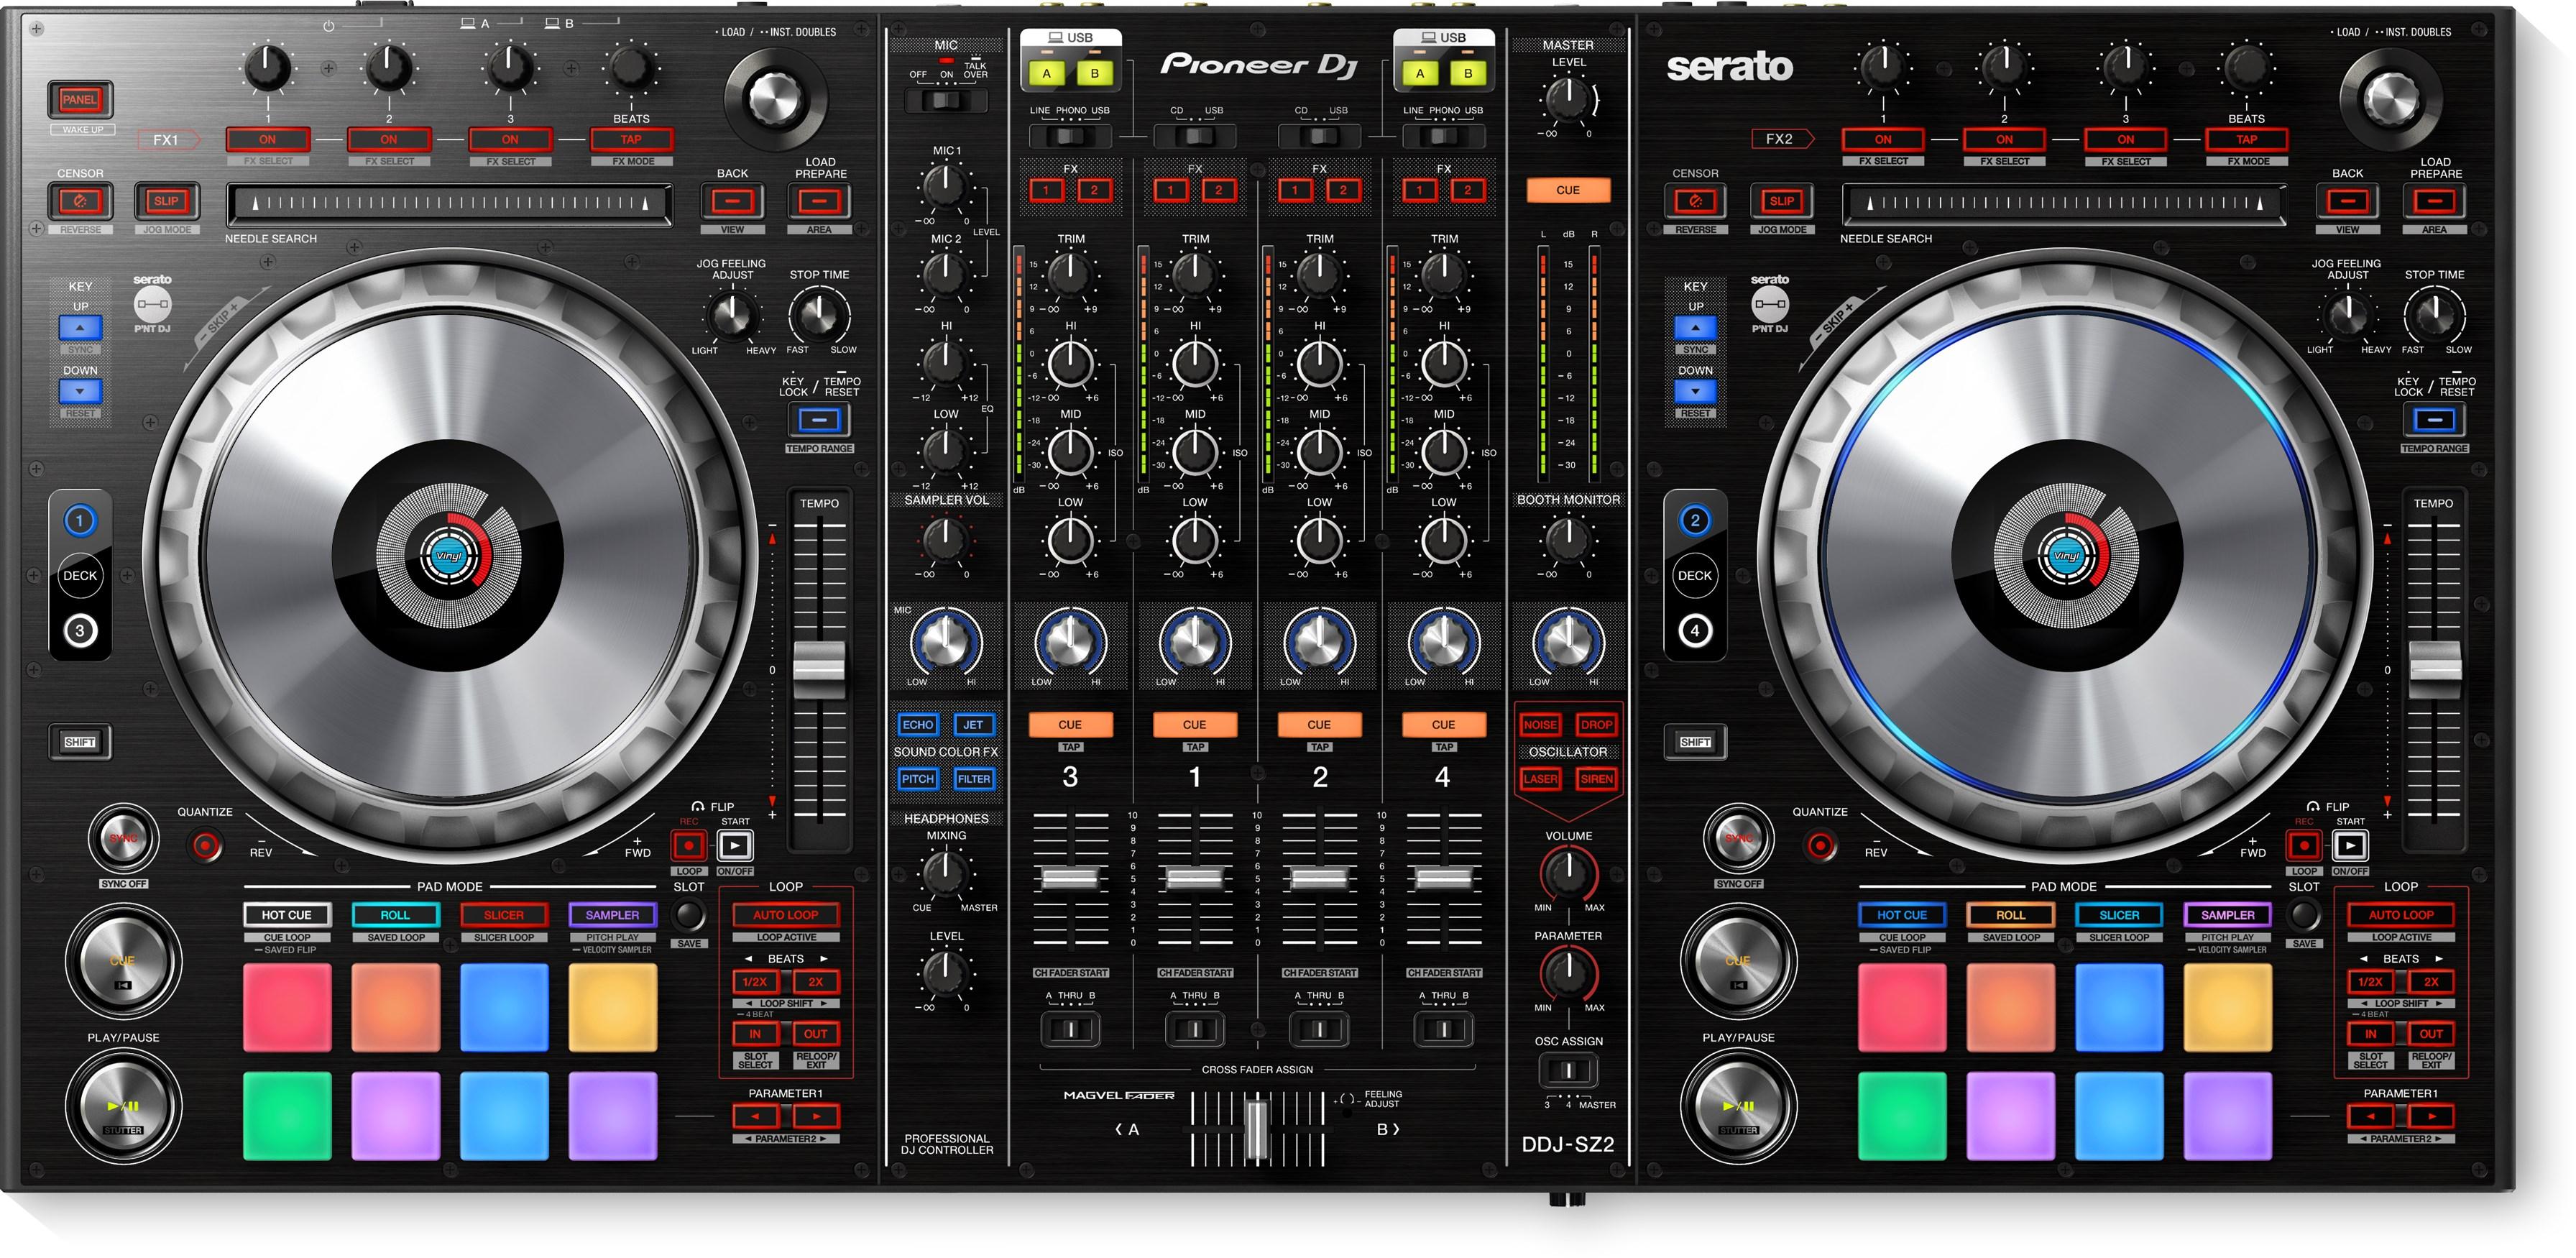 ddj sz2 flagship 4 channel controller for serato dj pro black pioneer dj. Black Bedroom Furniture Sets. Home Design Ideas